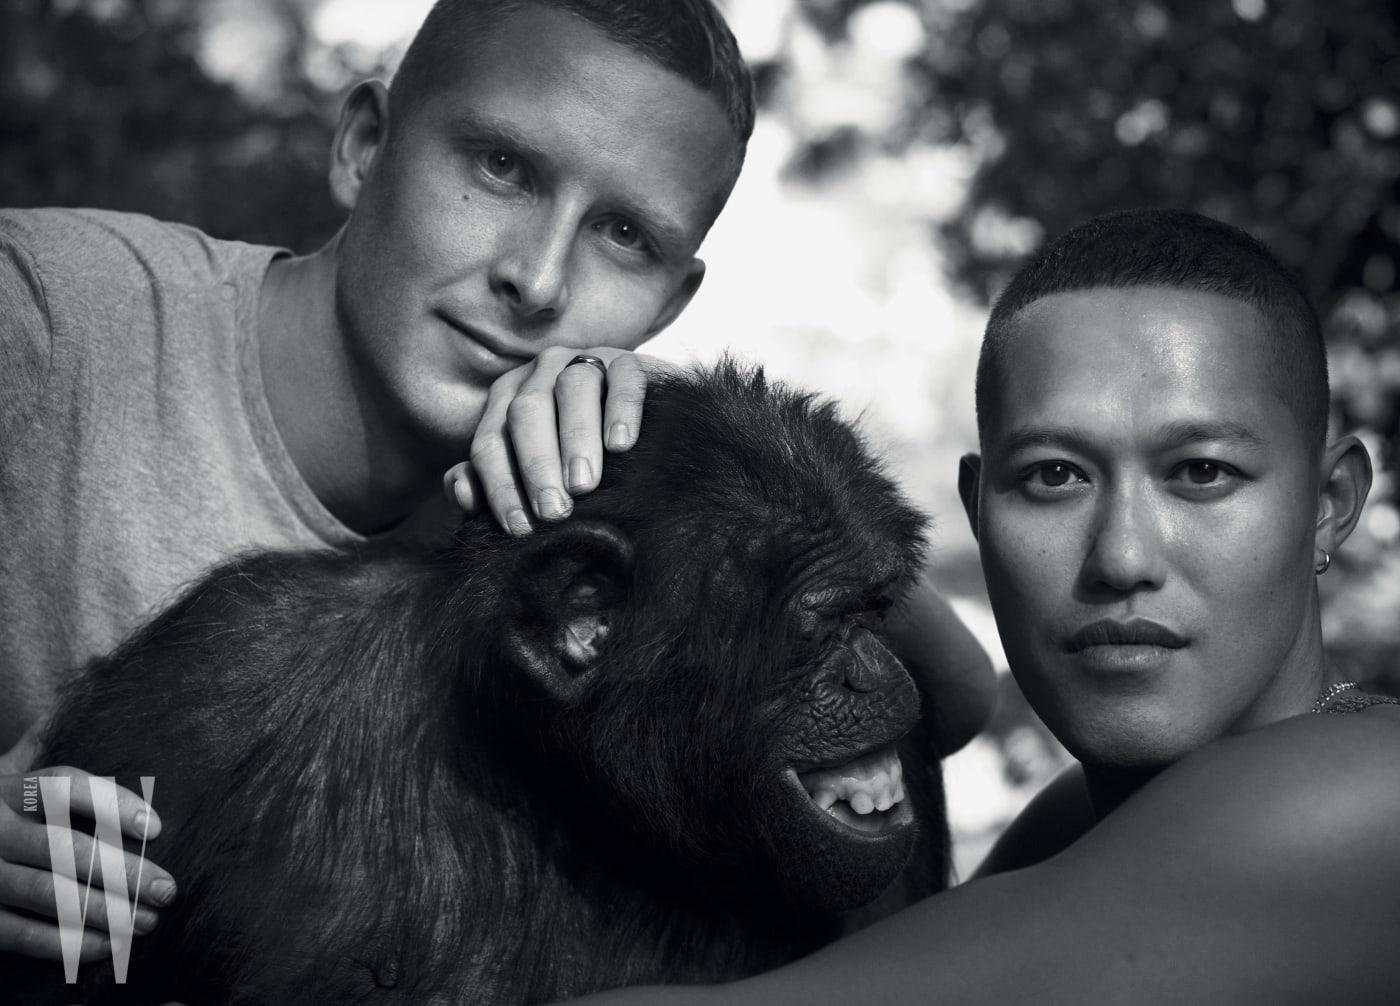 뉴욕 패션계에서 각광받는 신진 포토그래퍼 듀오로 떠오른 숀&셍. 본명은 숨긴 채, 오직 숀&셍이라는 듀오 이름만으로 그들의 존재감을 부각시키고 있다.